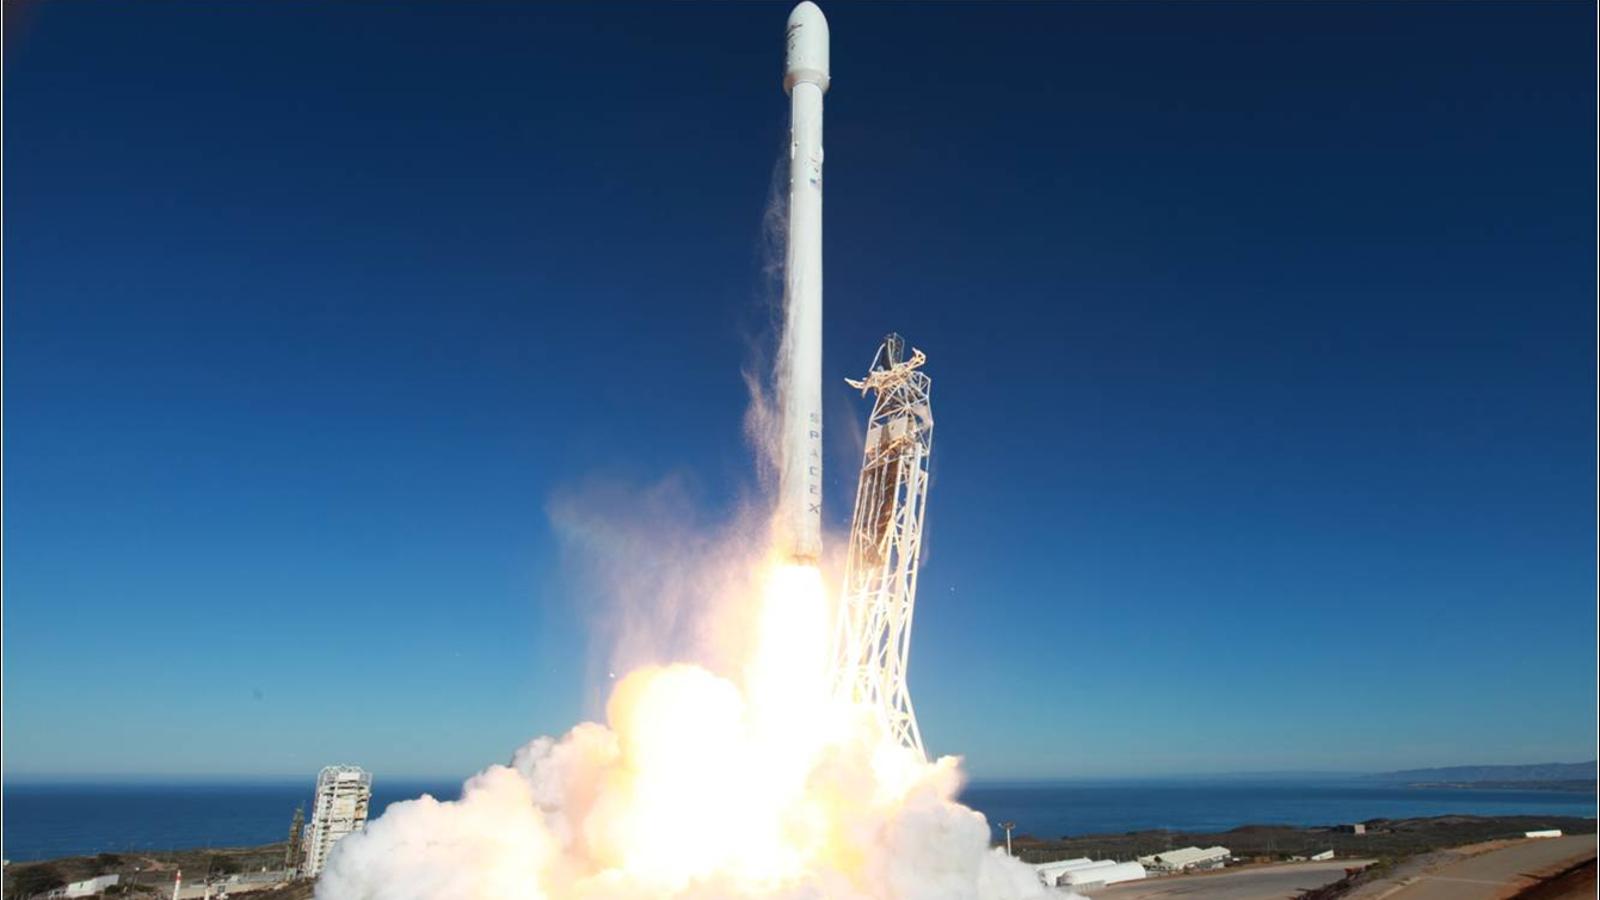 Fracasa el aterrizaje del cohete Falcon 9 sobre una plataforma flotante